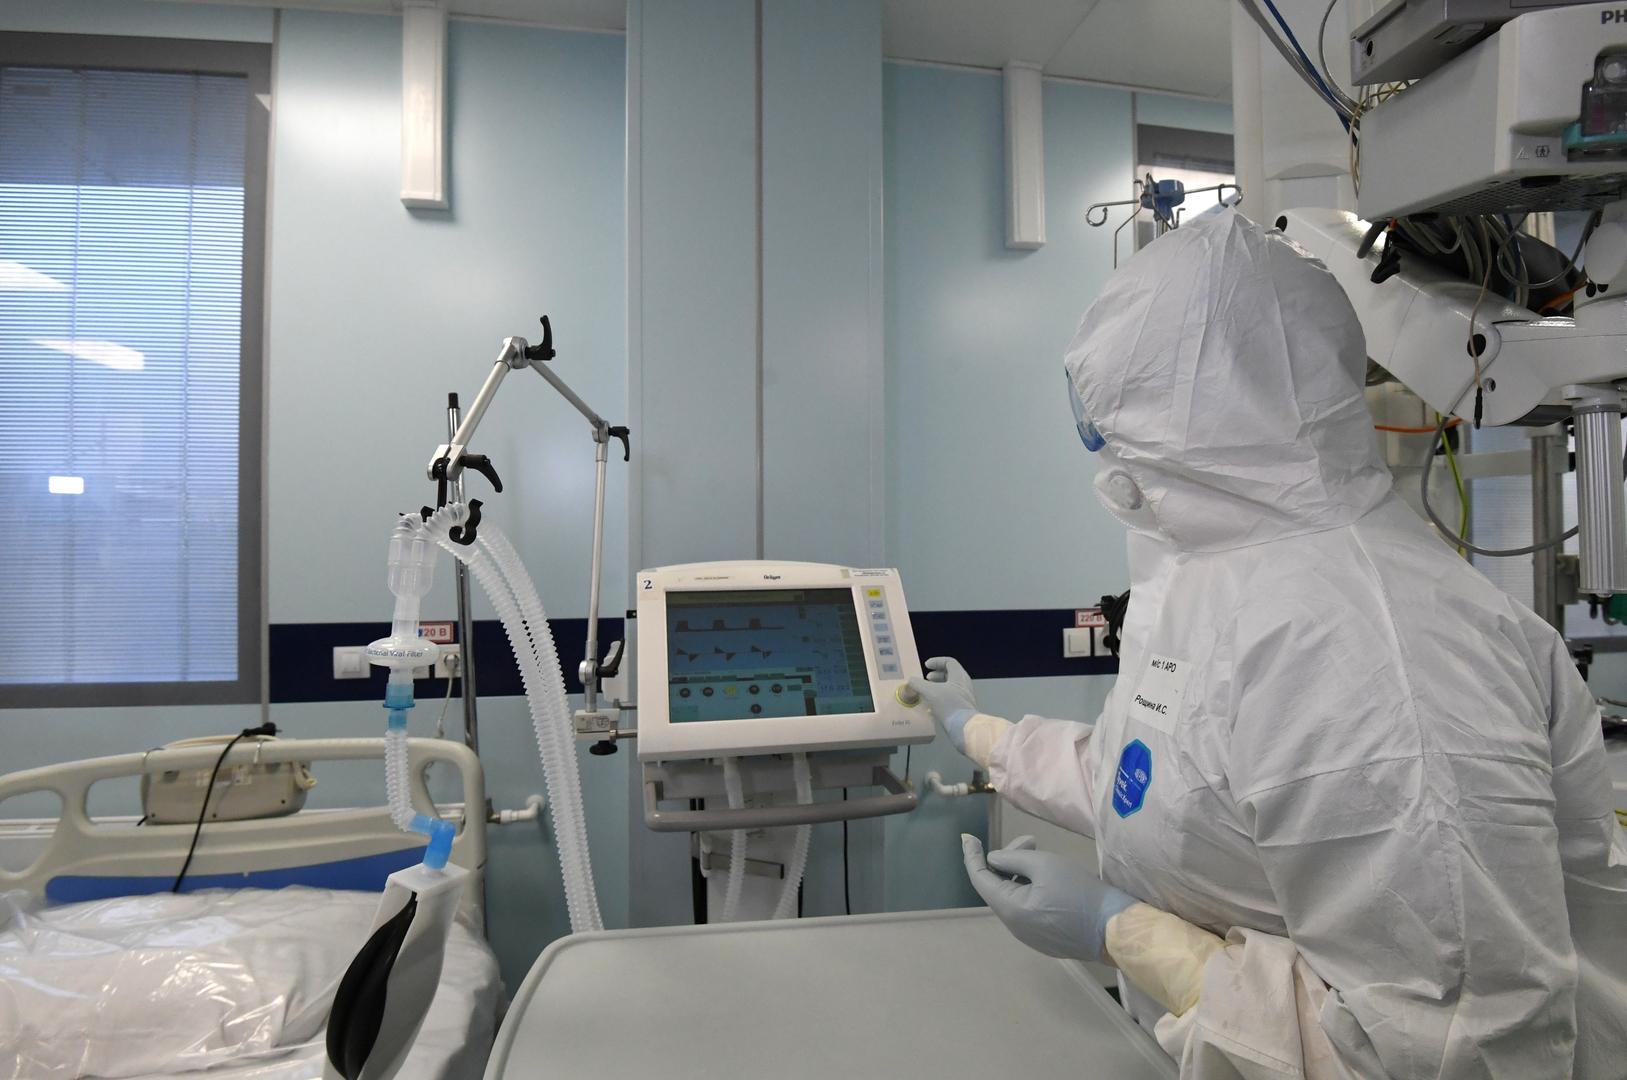 تسجيل الوفاة الرابعة بفيروس كورونا في روسيا